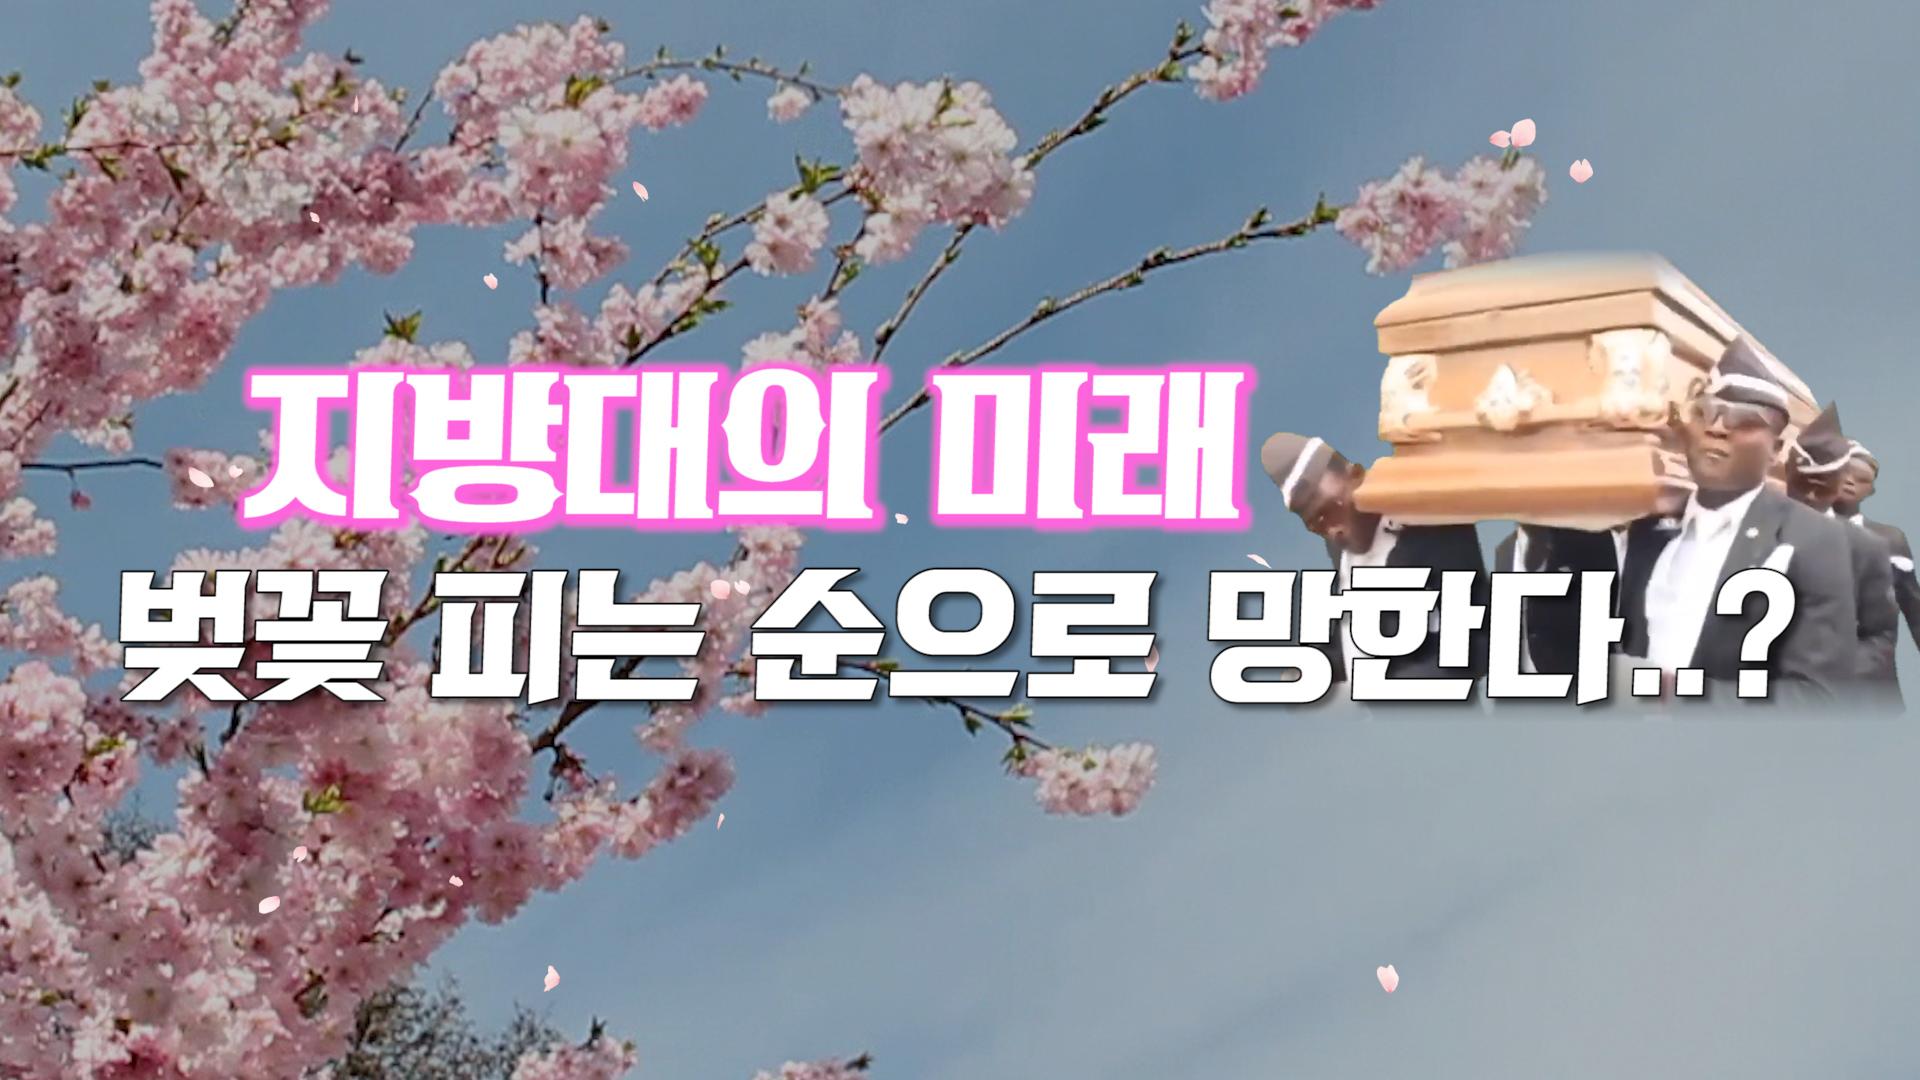 [영상]'벚꽃 피는 순으로 망한다'...학령인구 감소로 대학 위기감↑